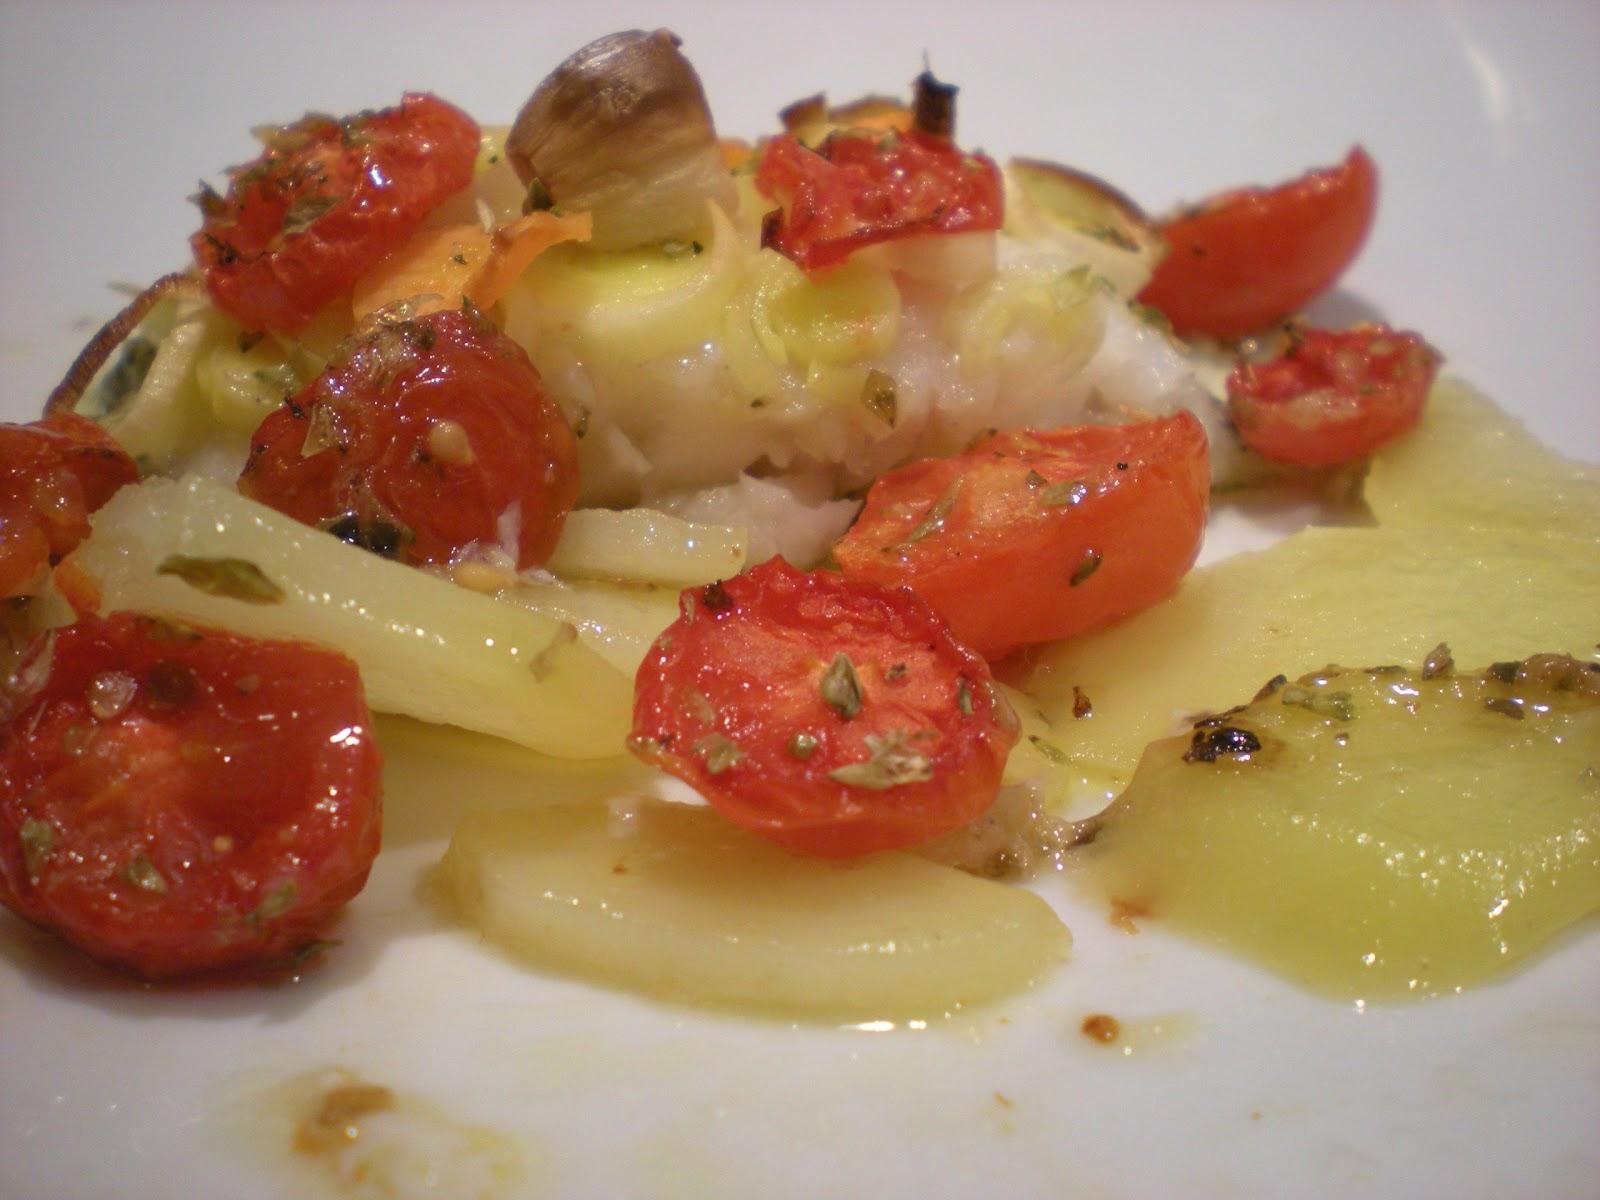 I fiori di loto san pietro alle verdure su letto di - Pesce su letto di patate ...